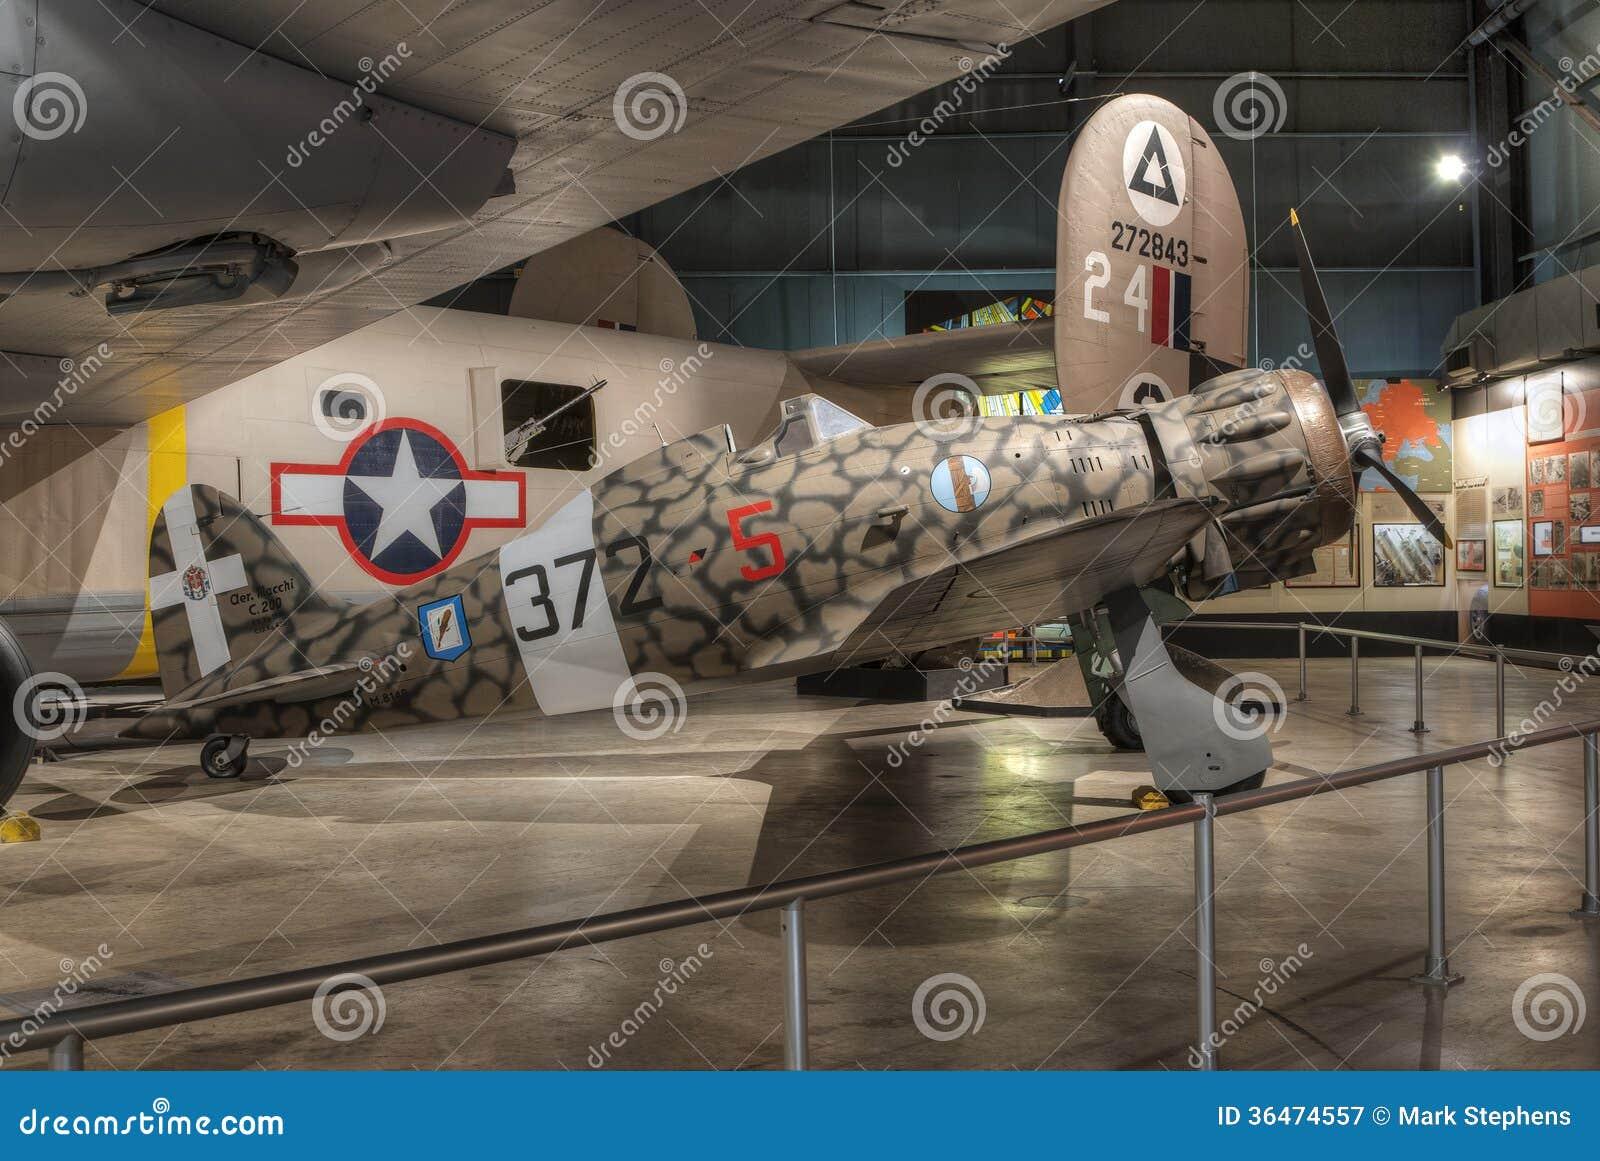 Αεροπλάνα στο μουσείο USAF, Νταίυτον, Οχάιο